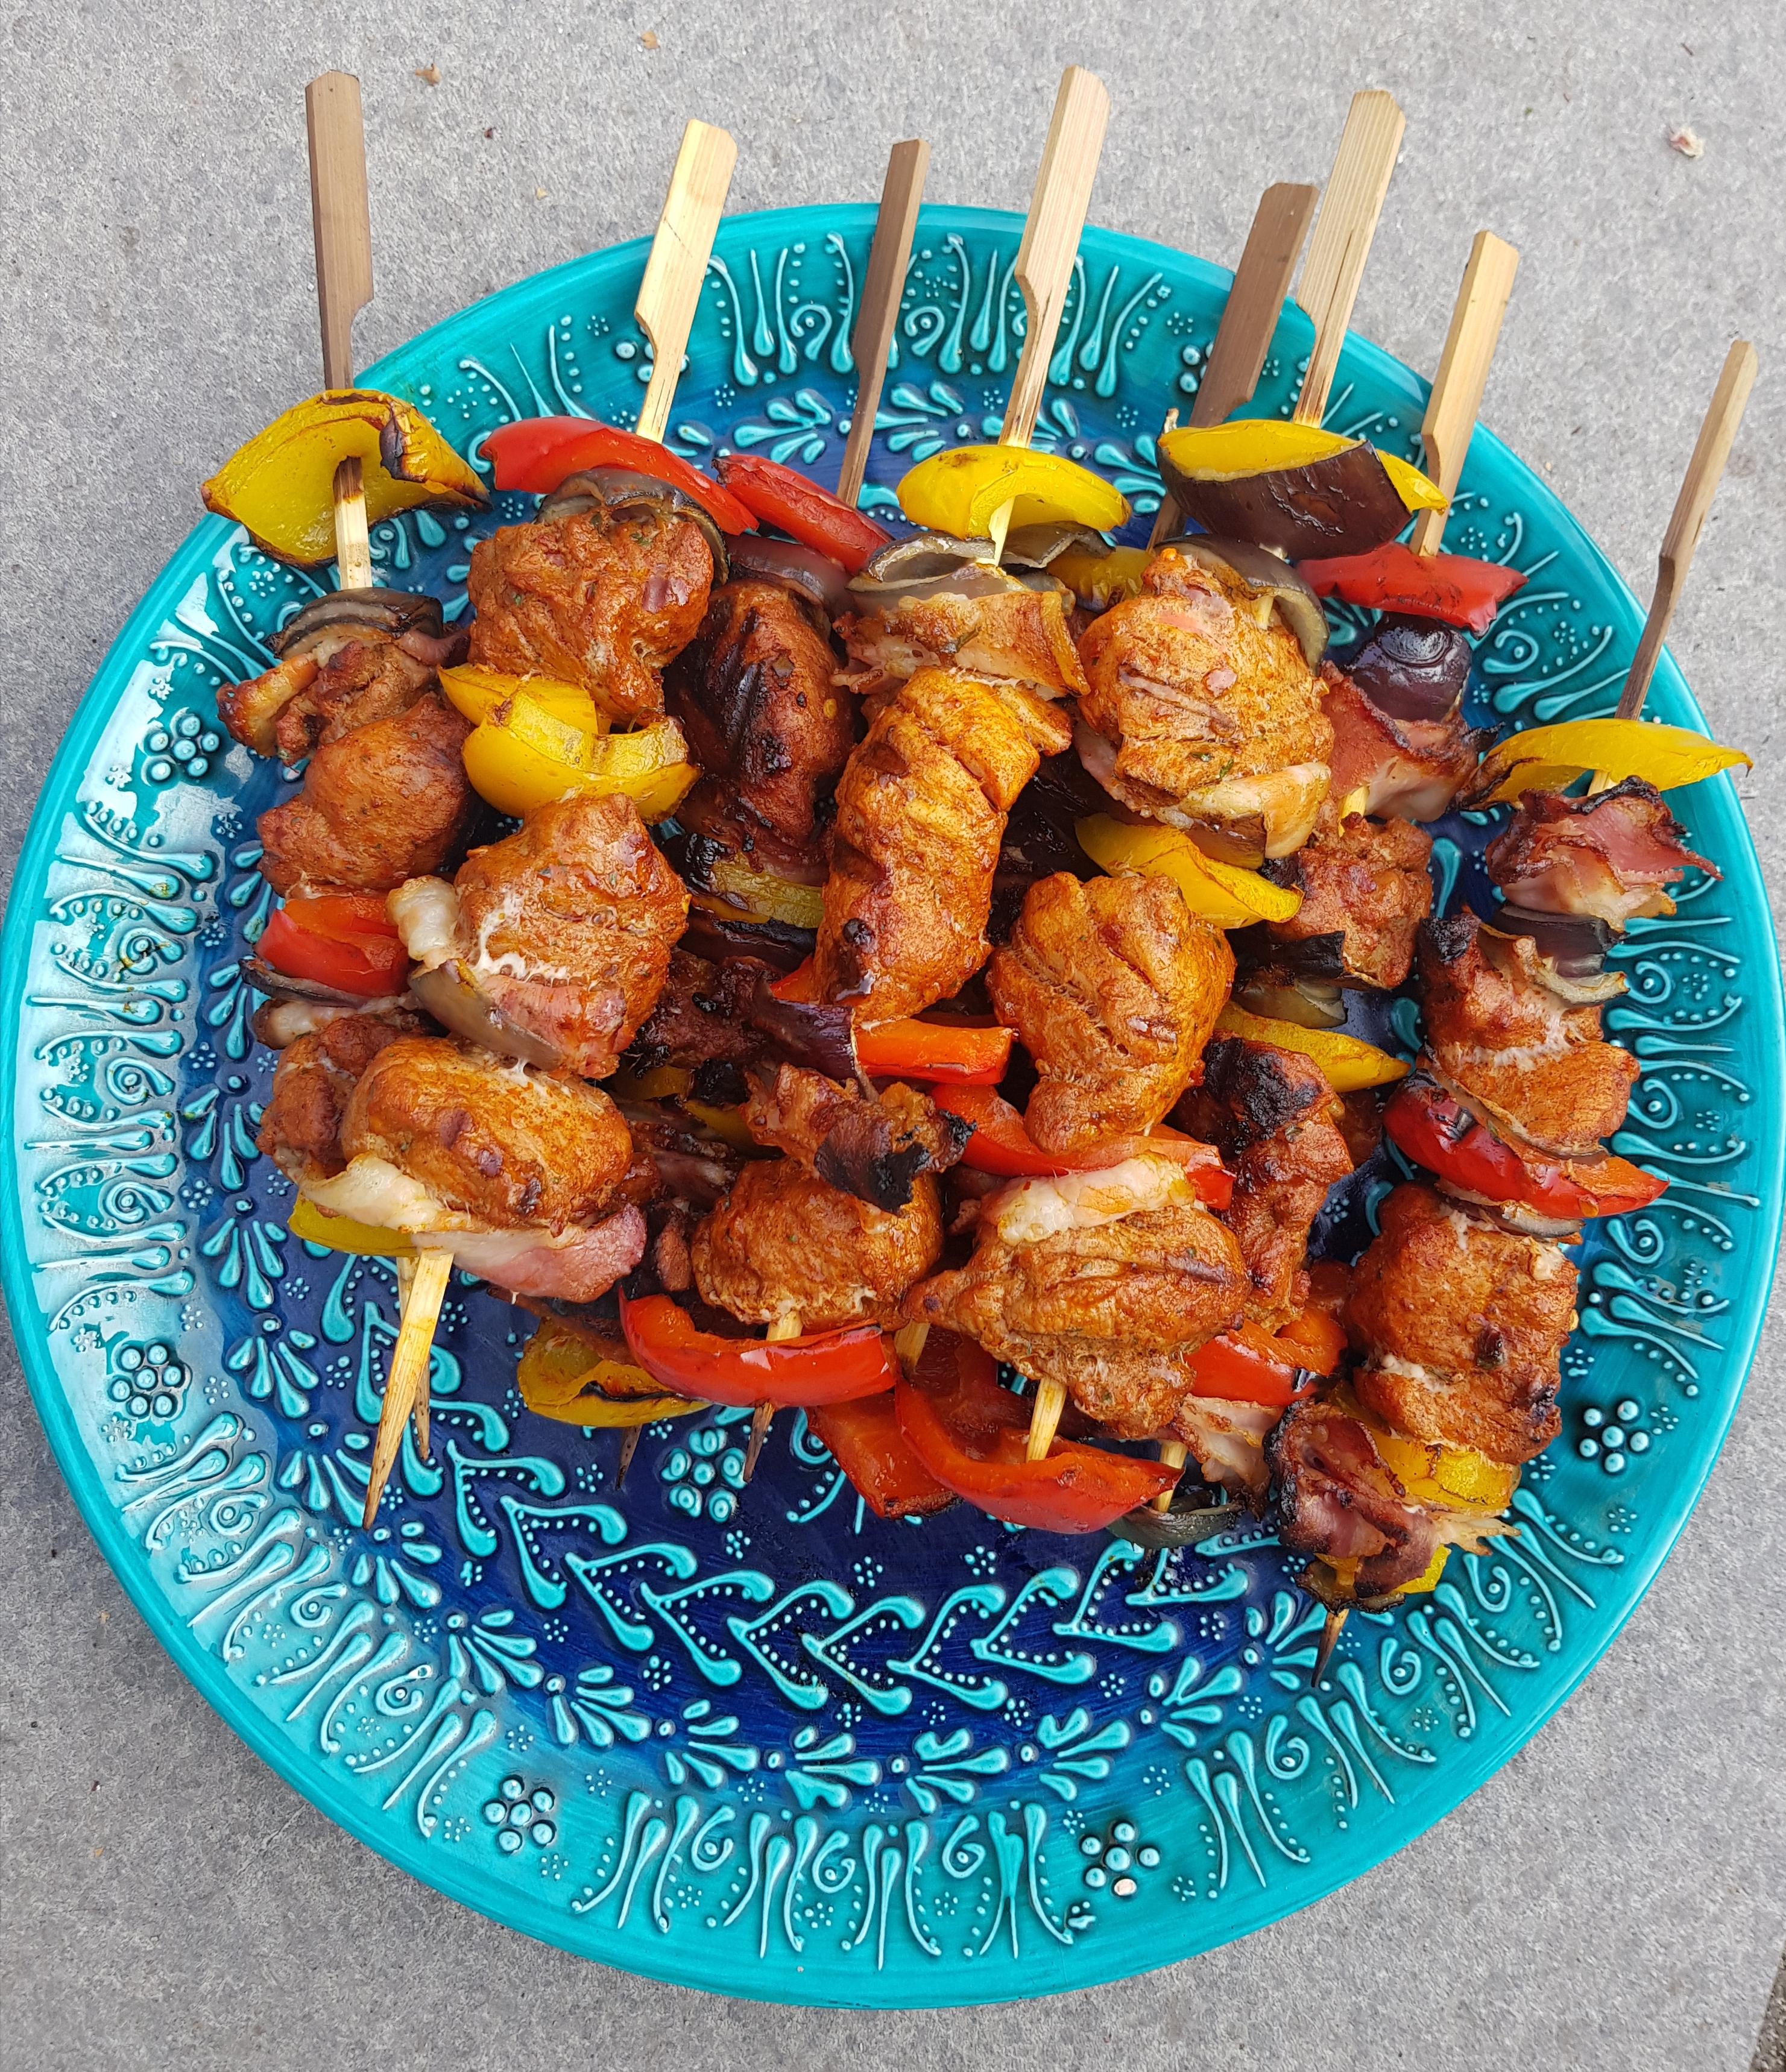 Piri piri spiesjes van de barbecue met varkenshaas, rode ui en paprika REcEPT